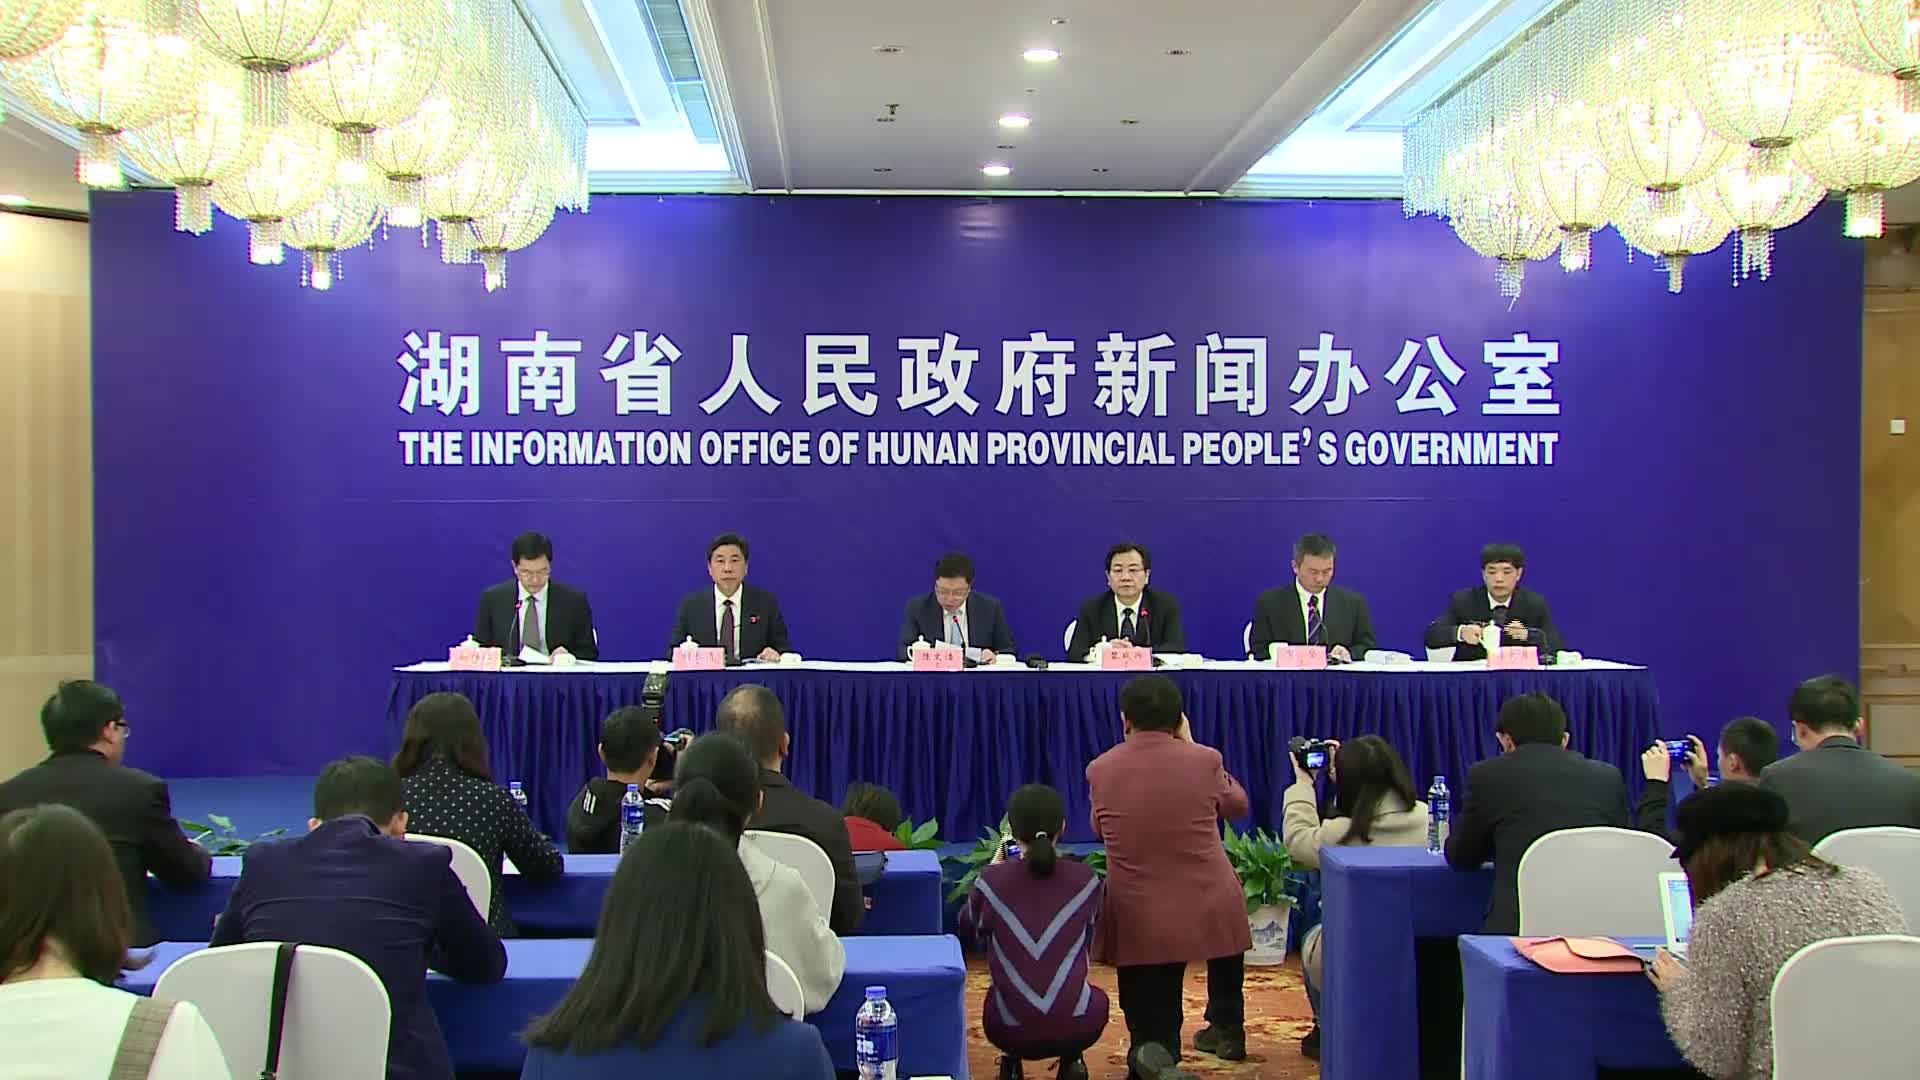 【全程回放】北京世园会湖南参展工作有关情况新闻发布会